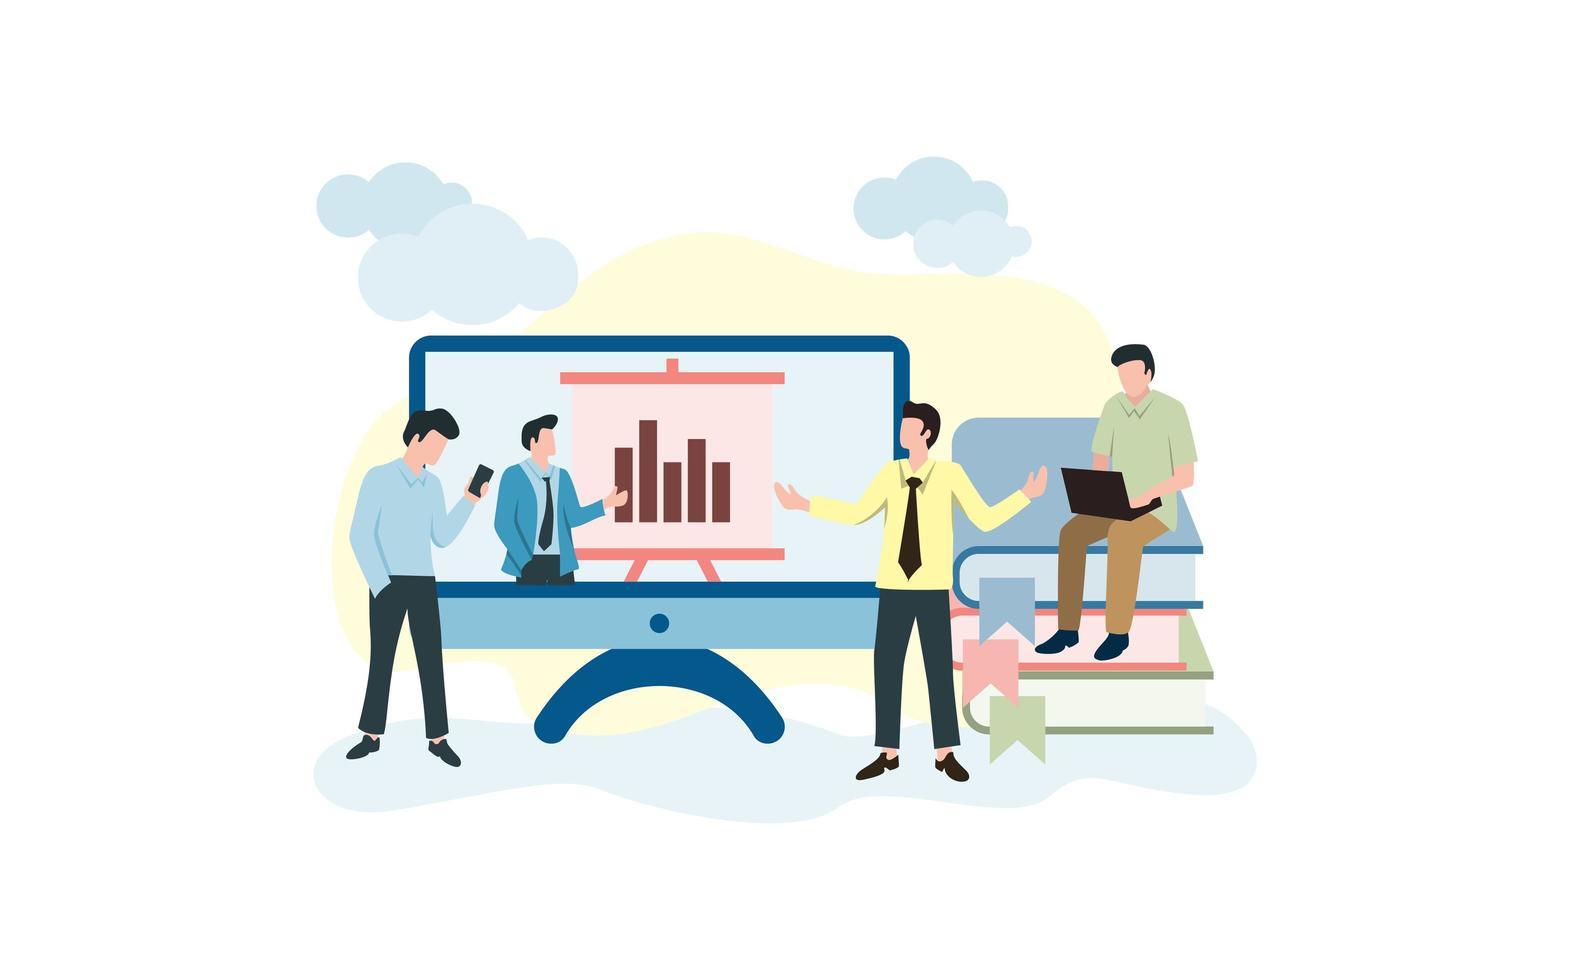 mensenactiviteit gerelateerd aan online presentatie vector